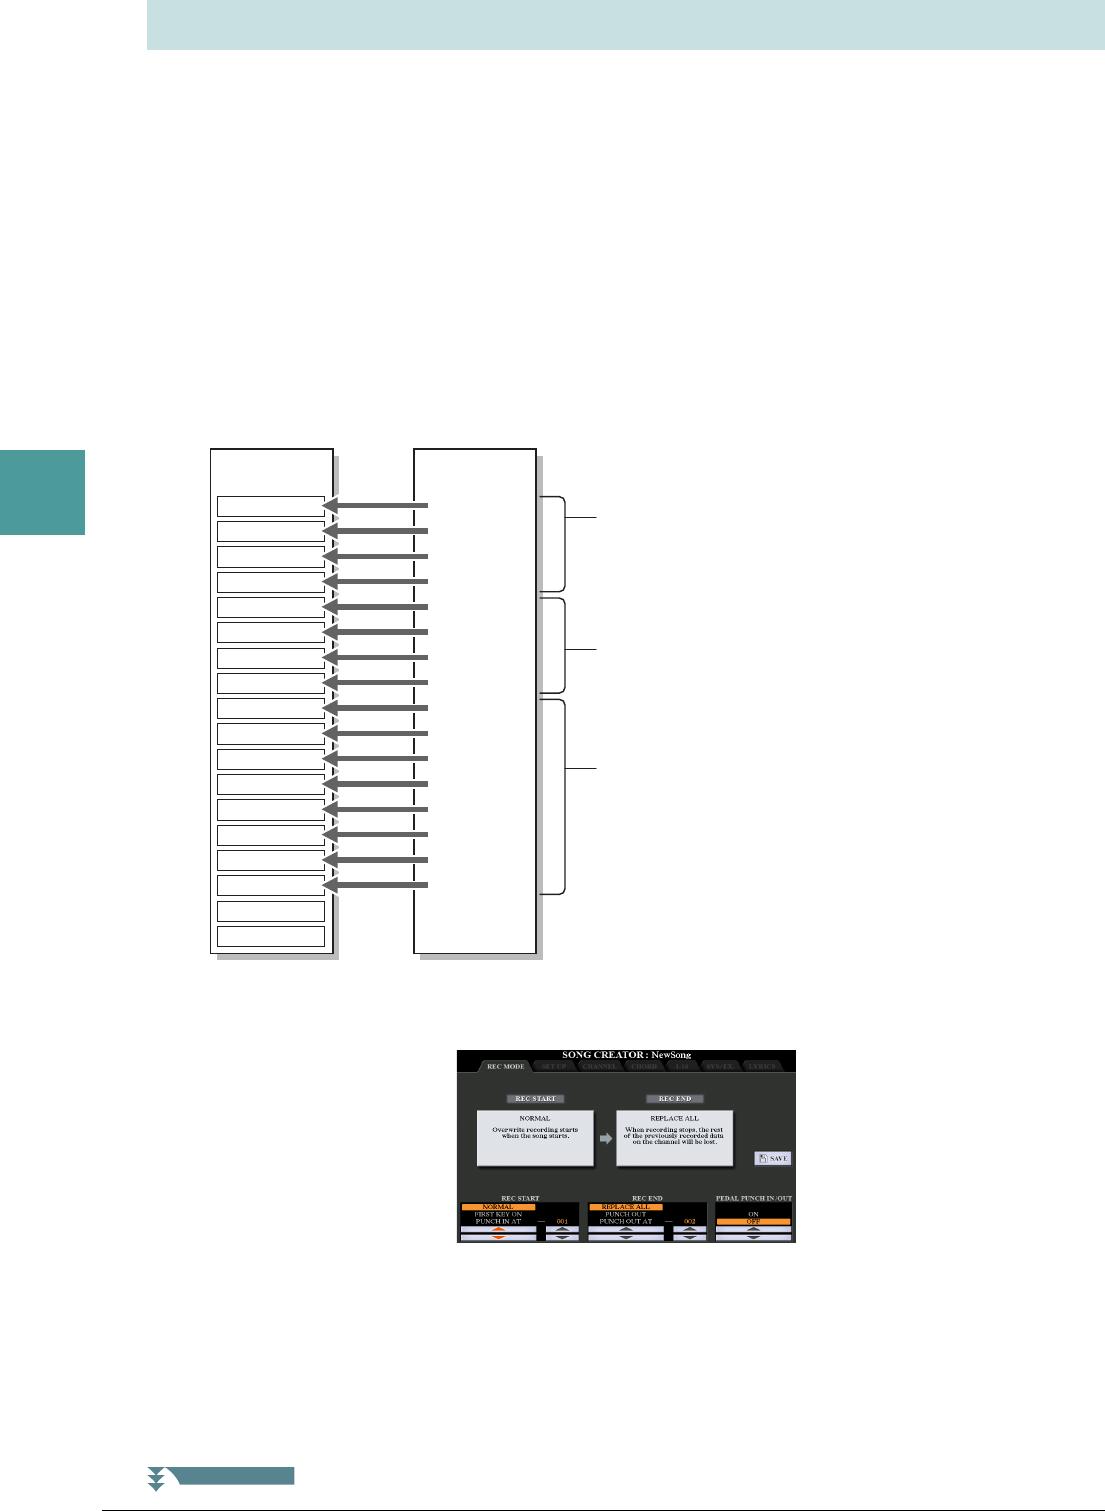 Yamaha PSR S970/S770 Reference Manual S970/PSR S770